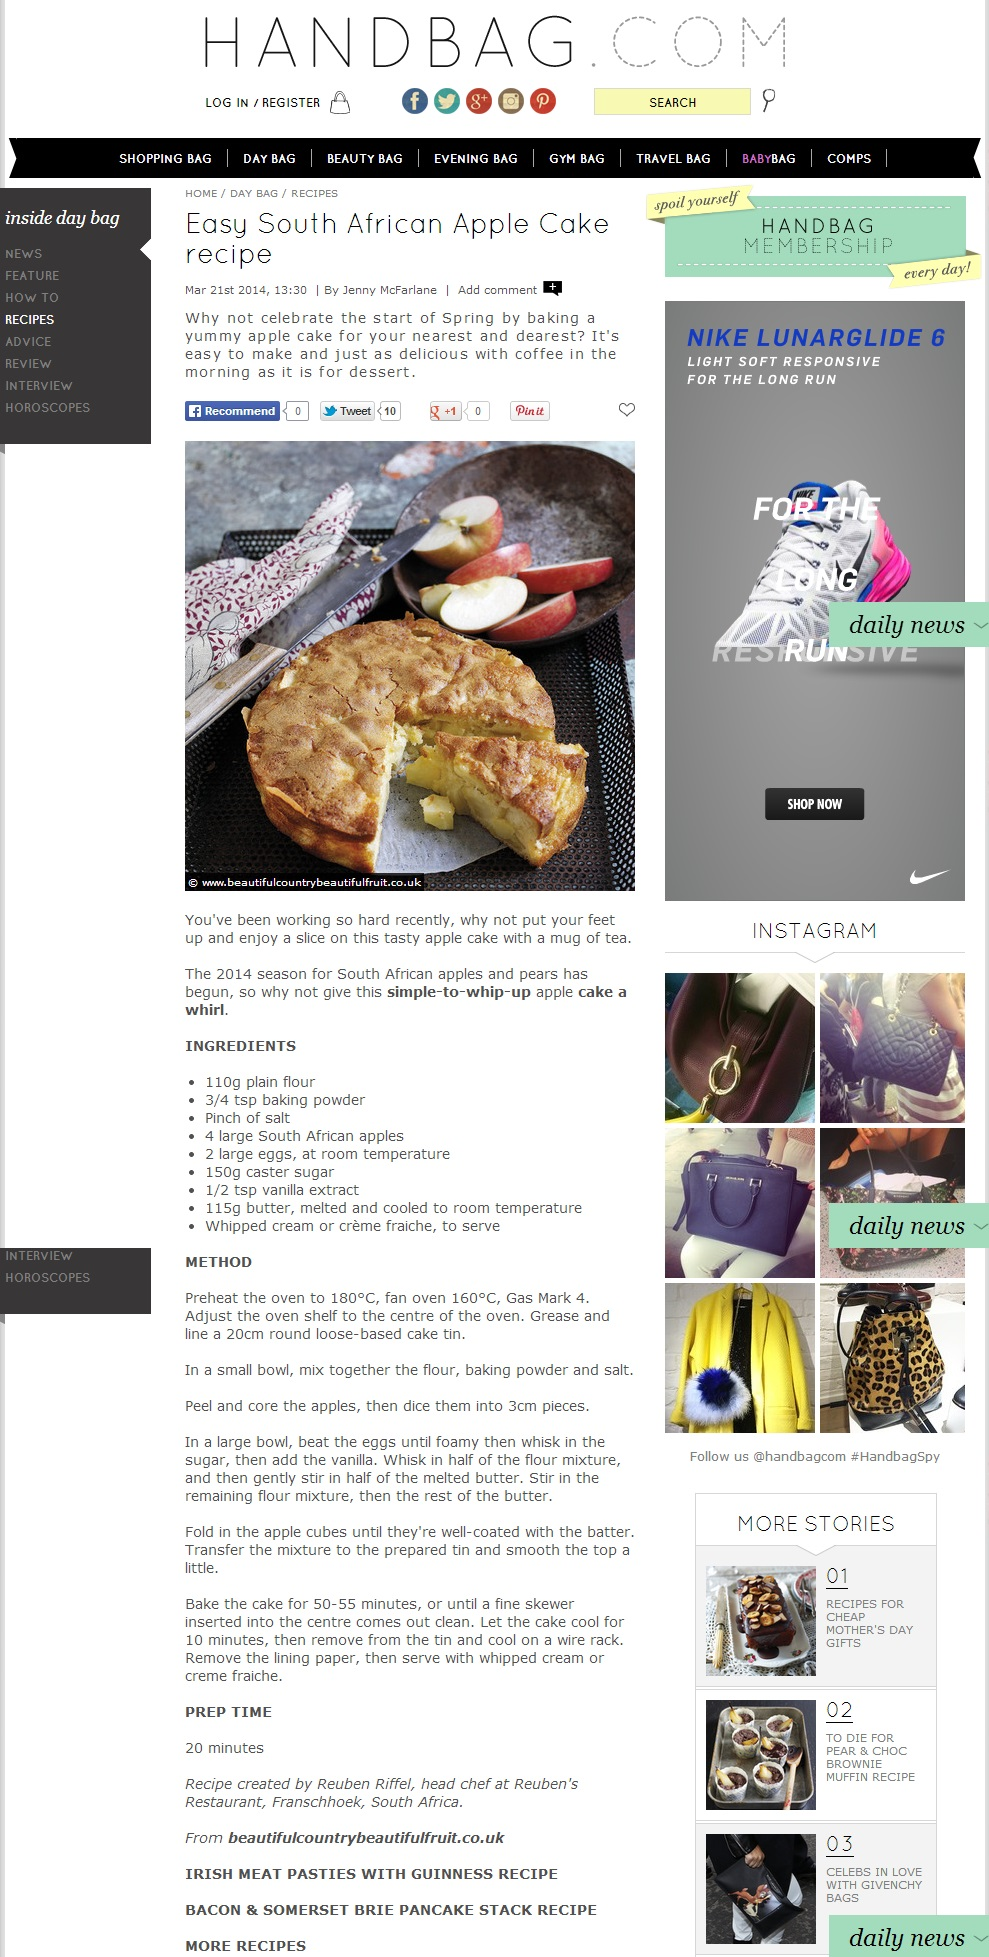 screencapture-www-handbag-com-day-bag-recipes-a559062-easy-south-african-apple-cake-recipe-html